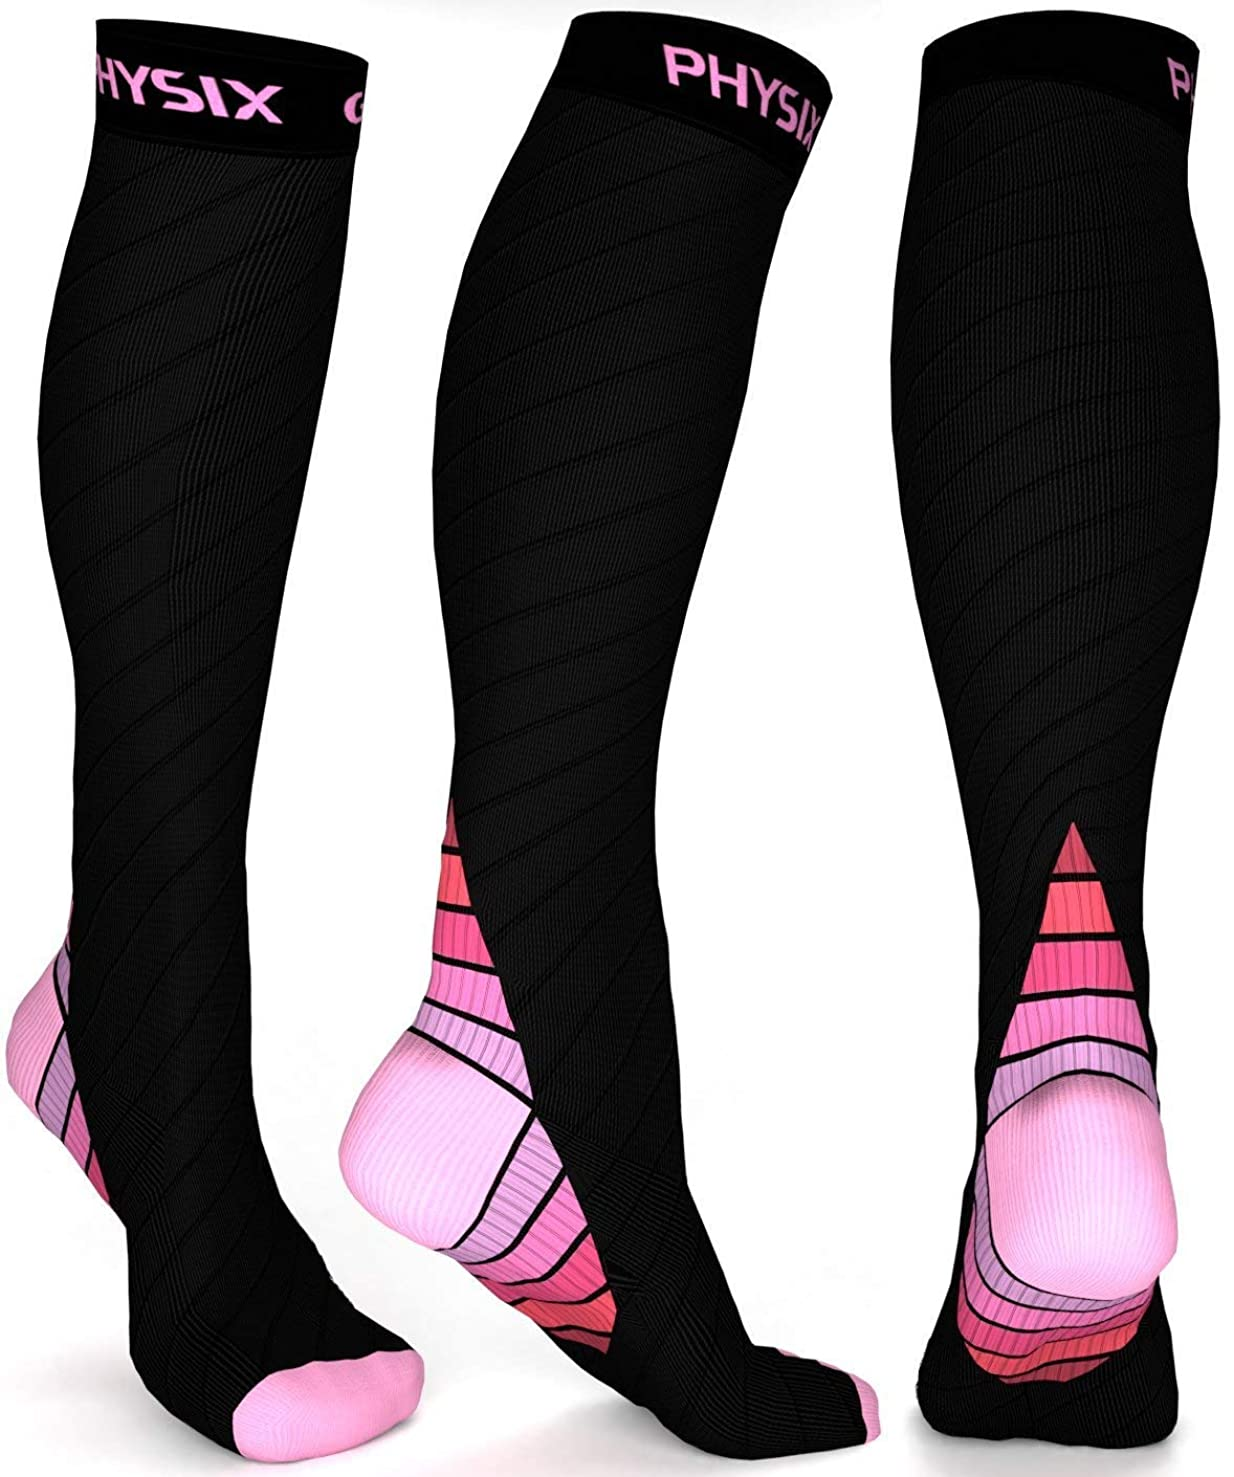 狂信者曲圧力Physix Gearコンプレッションソックス男性用/女性用(20?30 mmHg)最高の段階的なフィット ランニング、看護、過労性脛部痛、フライトトラベル&マタニティ妊娠 – スタミナ、循環&回復 (BLACK & PINK S-M)